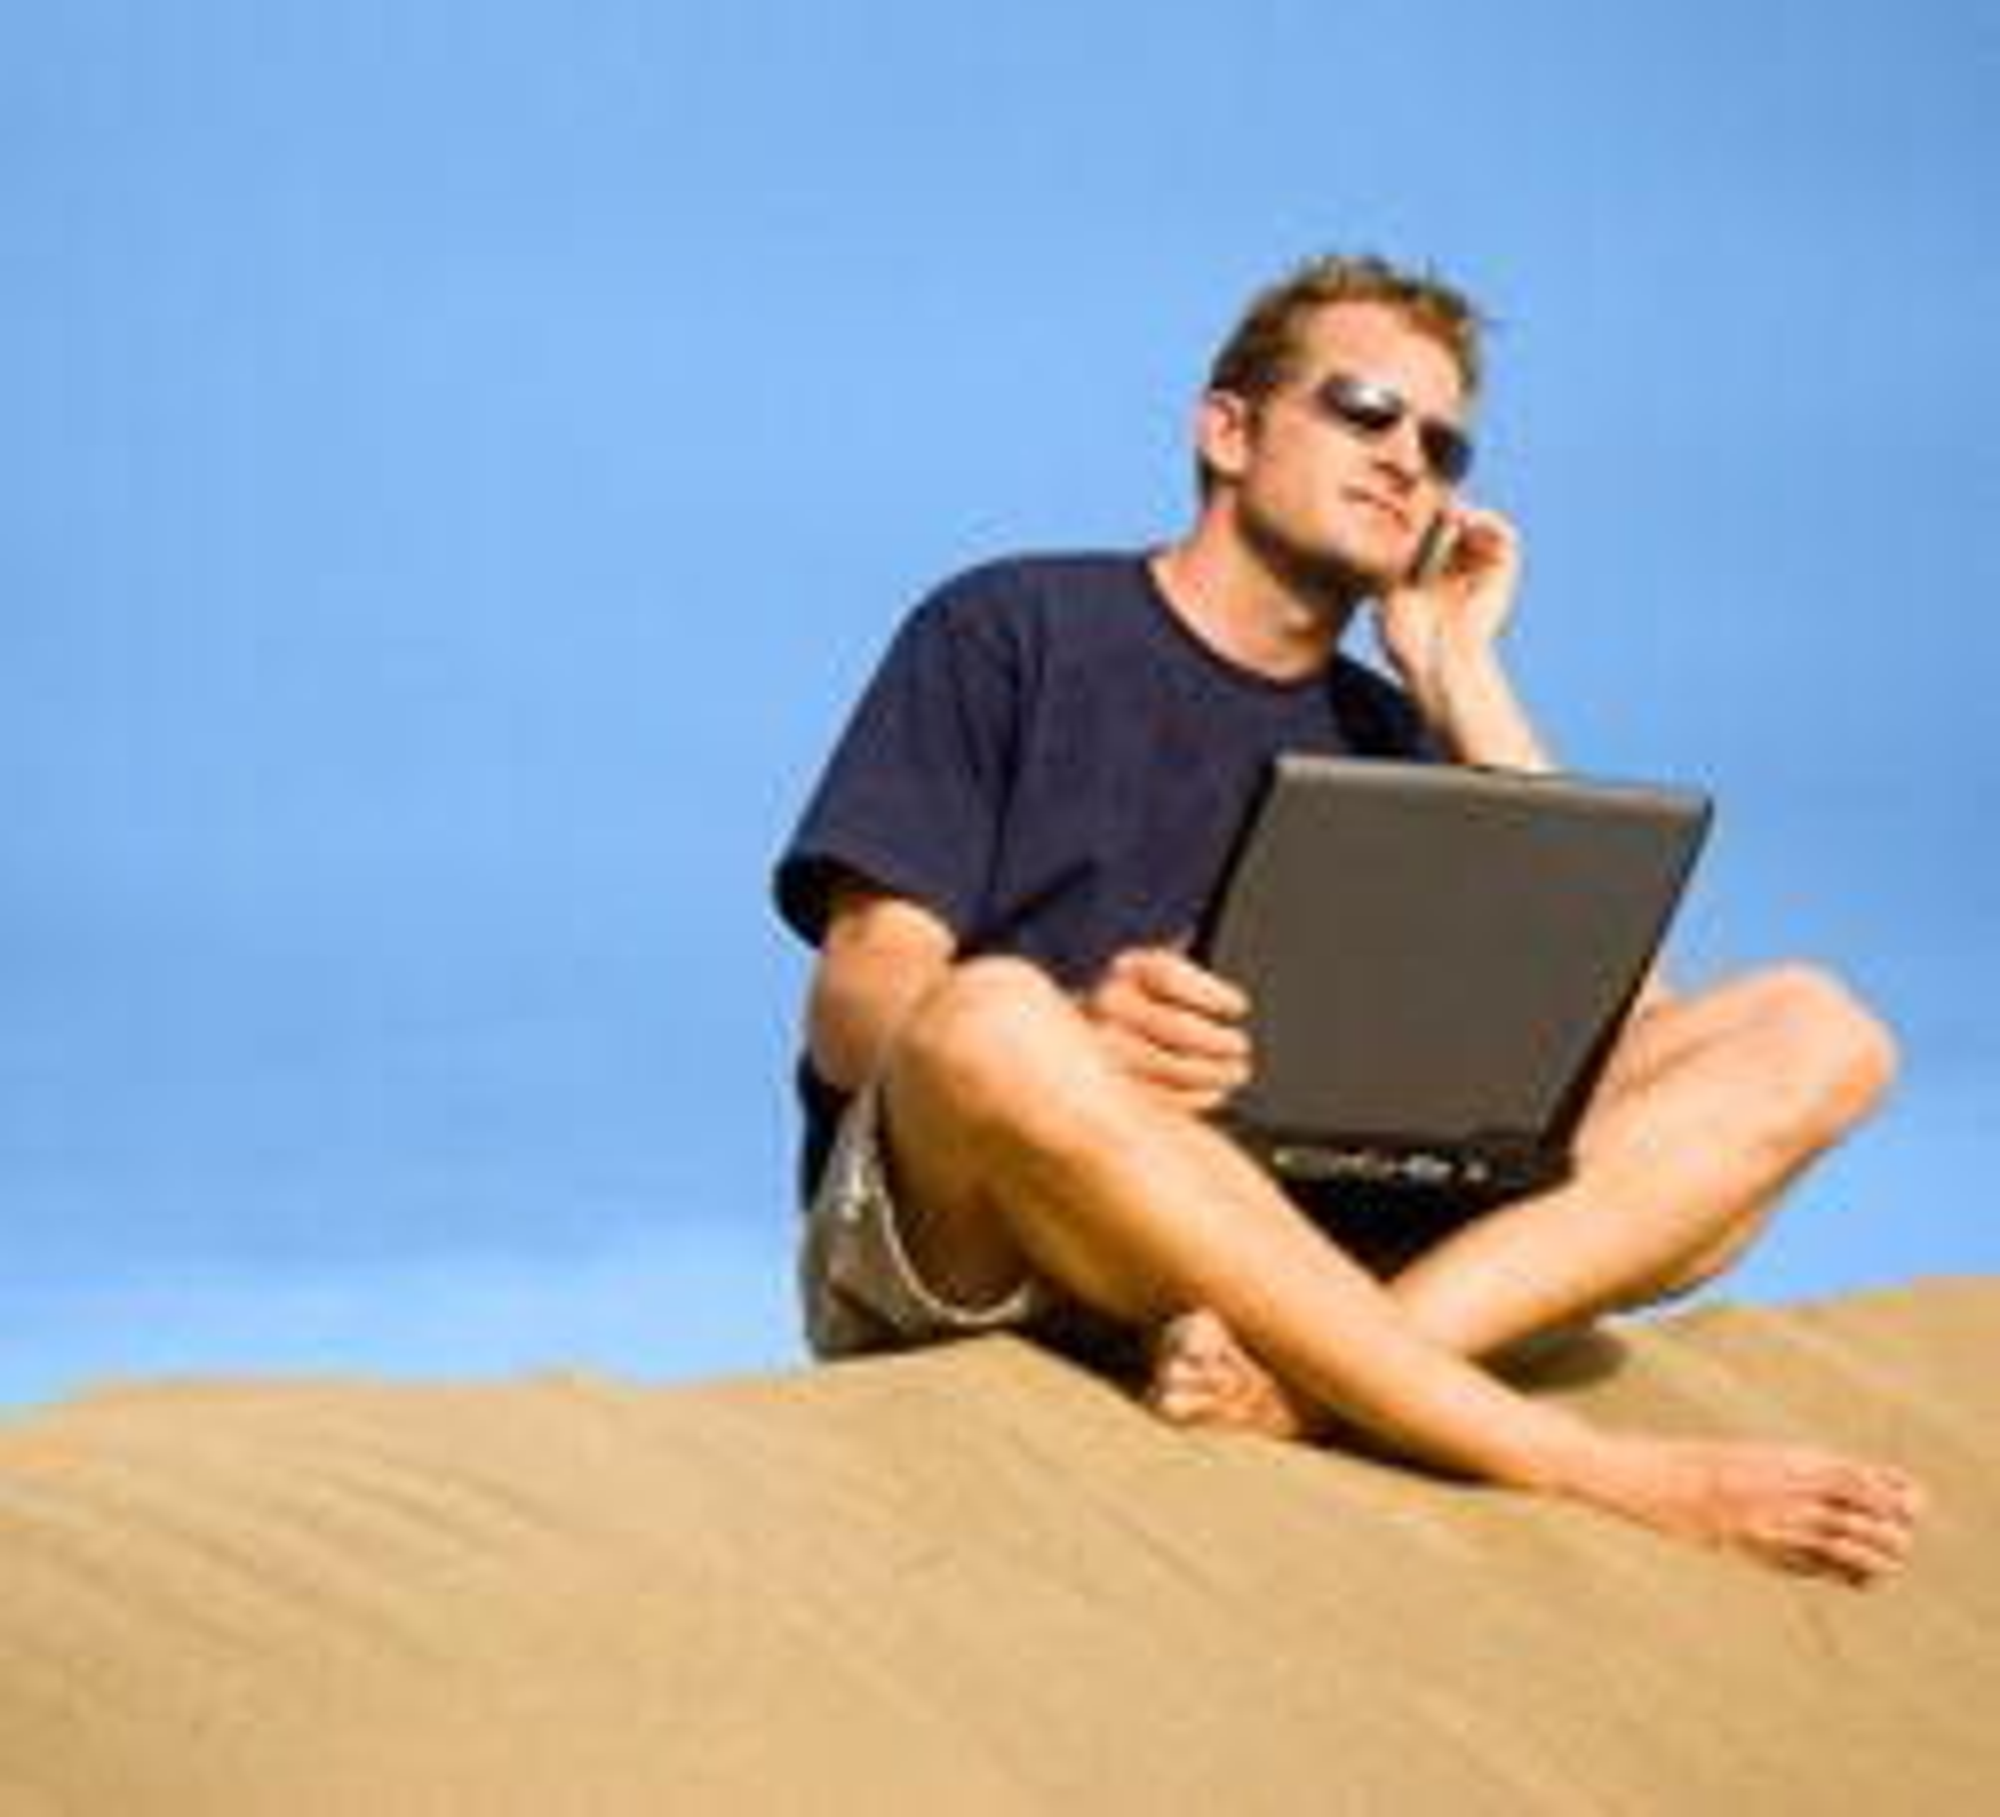 Nå blir det billigere å surfe på mobilnettene i utlandet. (Foto: Istockphoto / Richard Clarke)